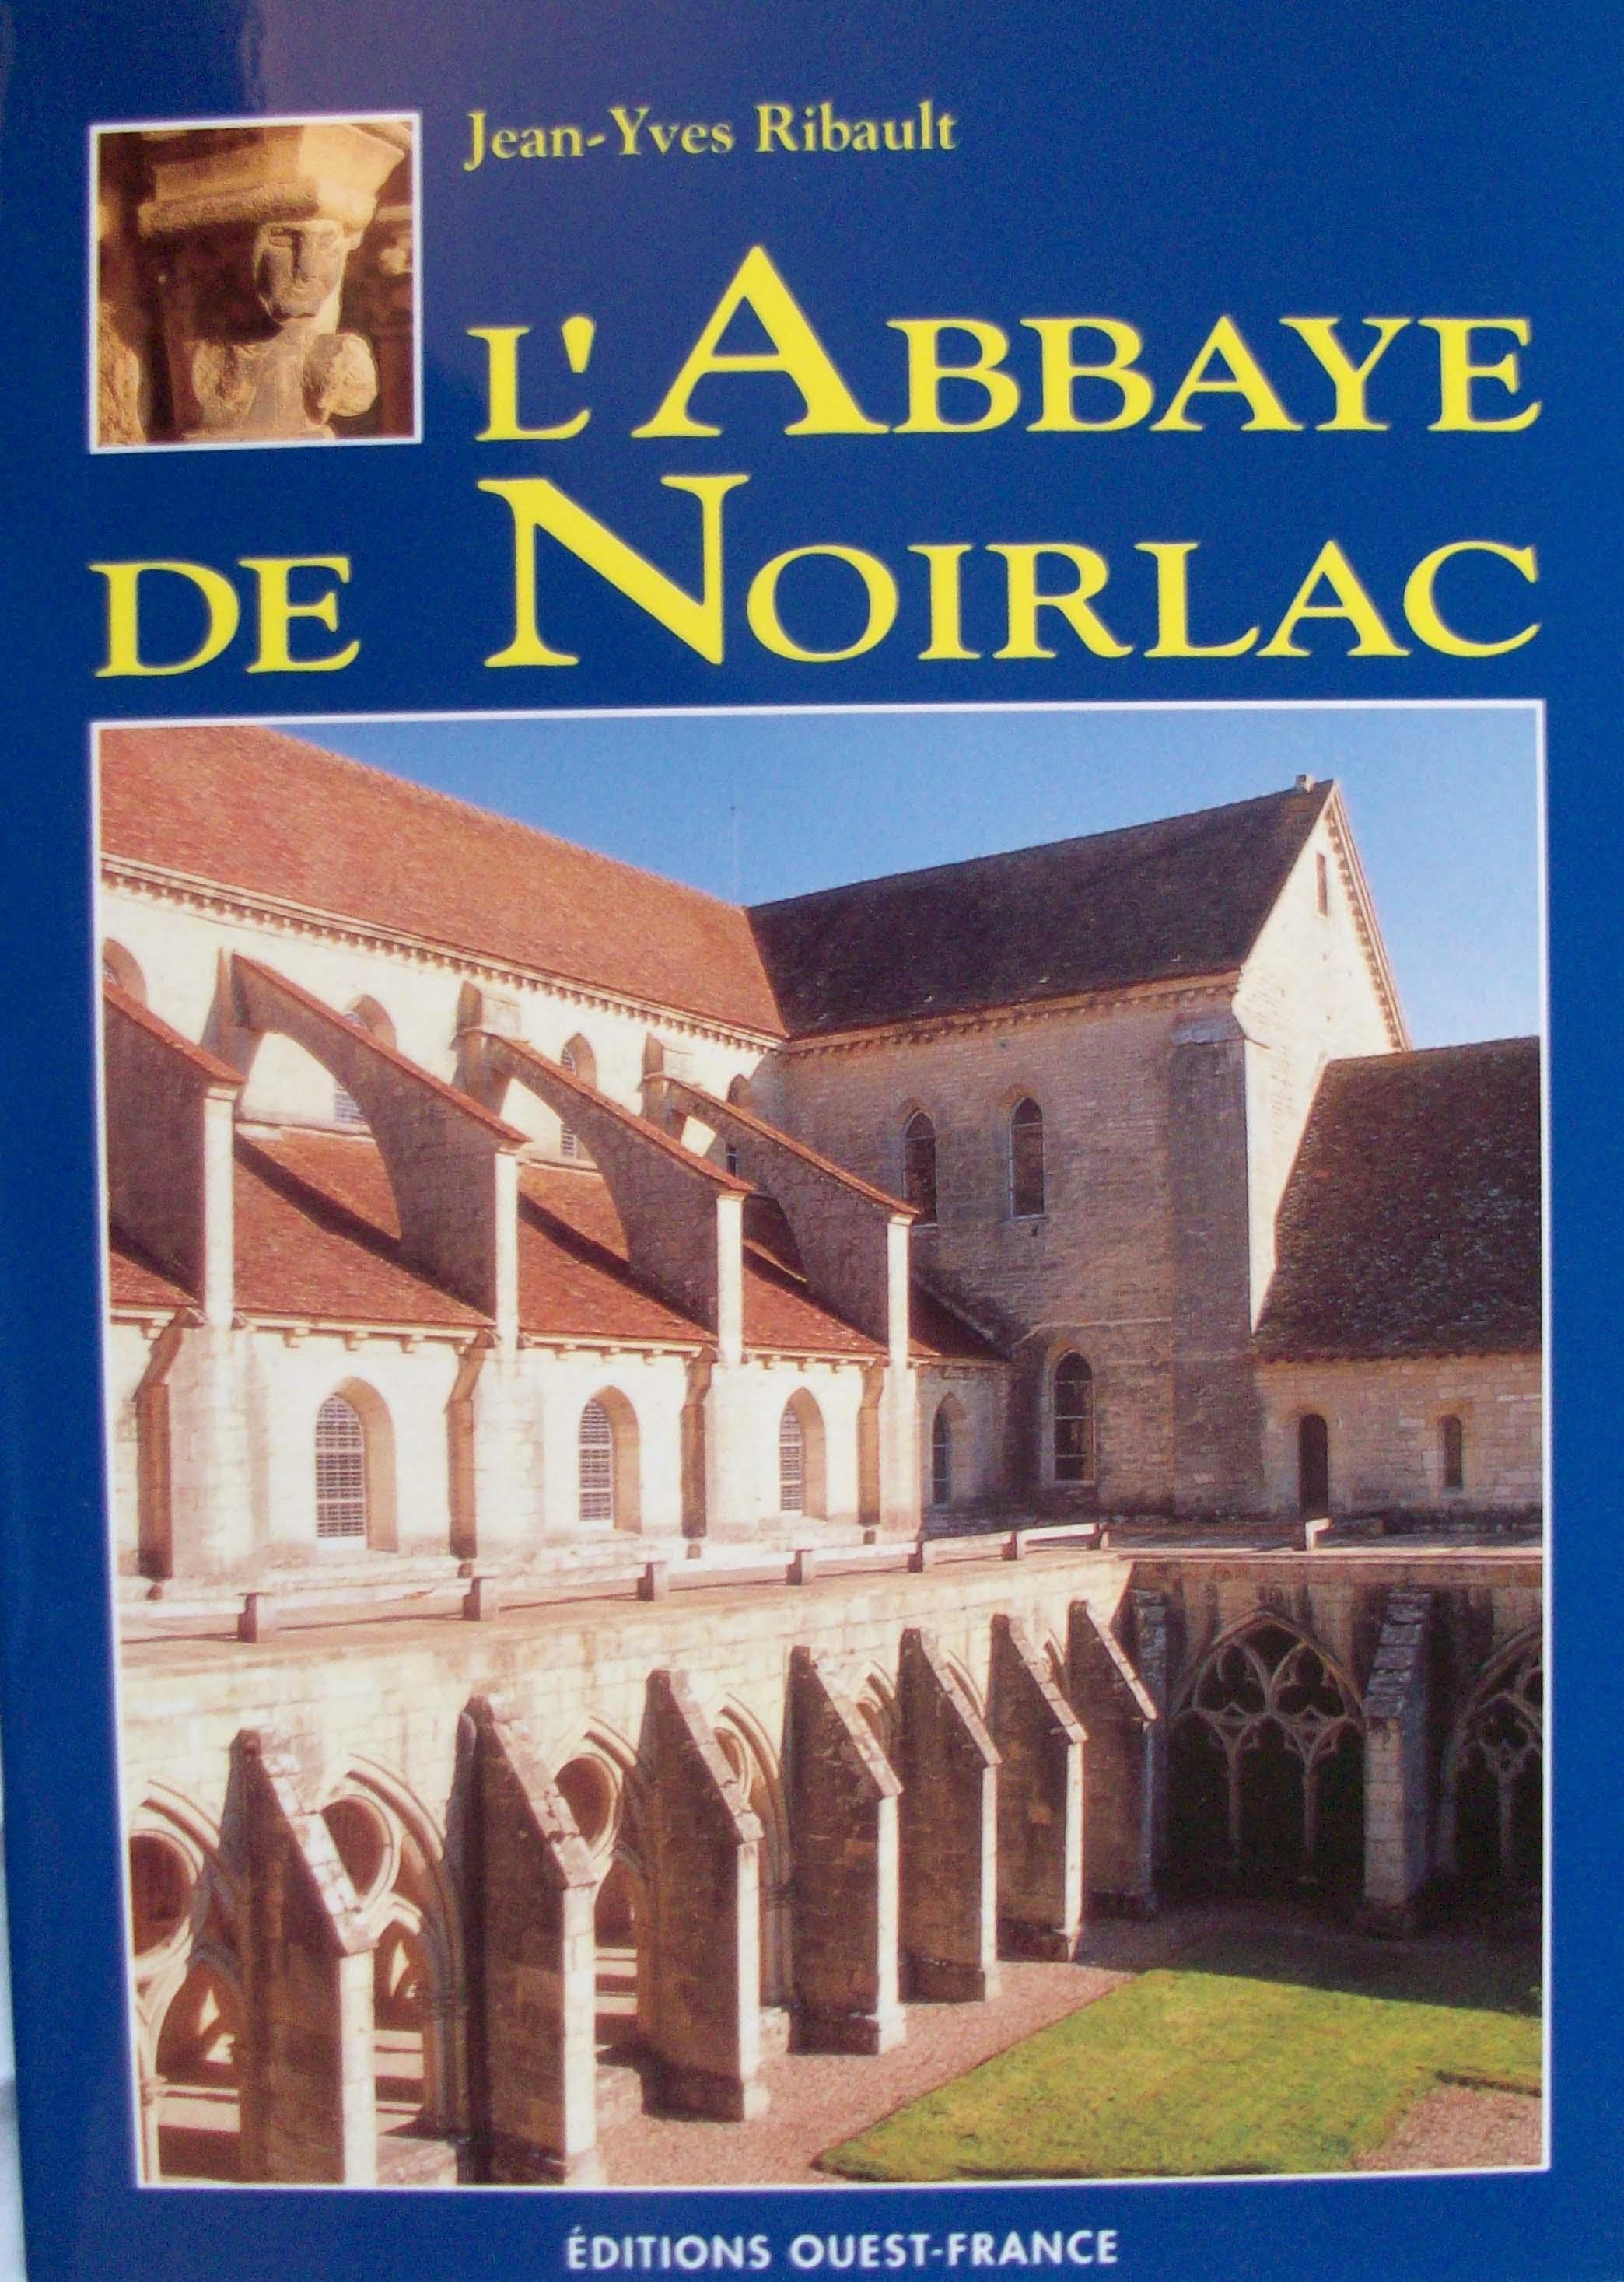 L'Abbaye de Noirlac